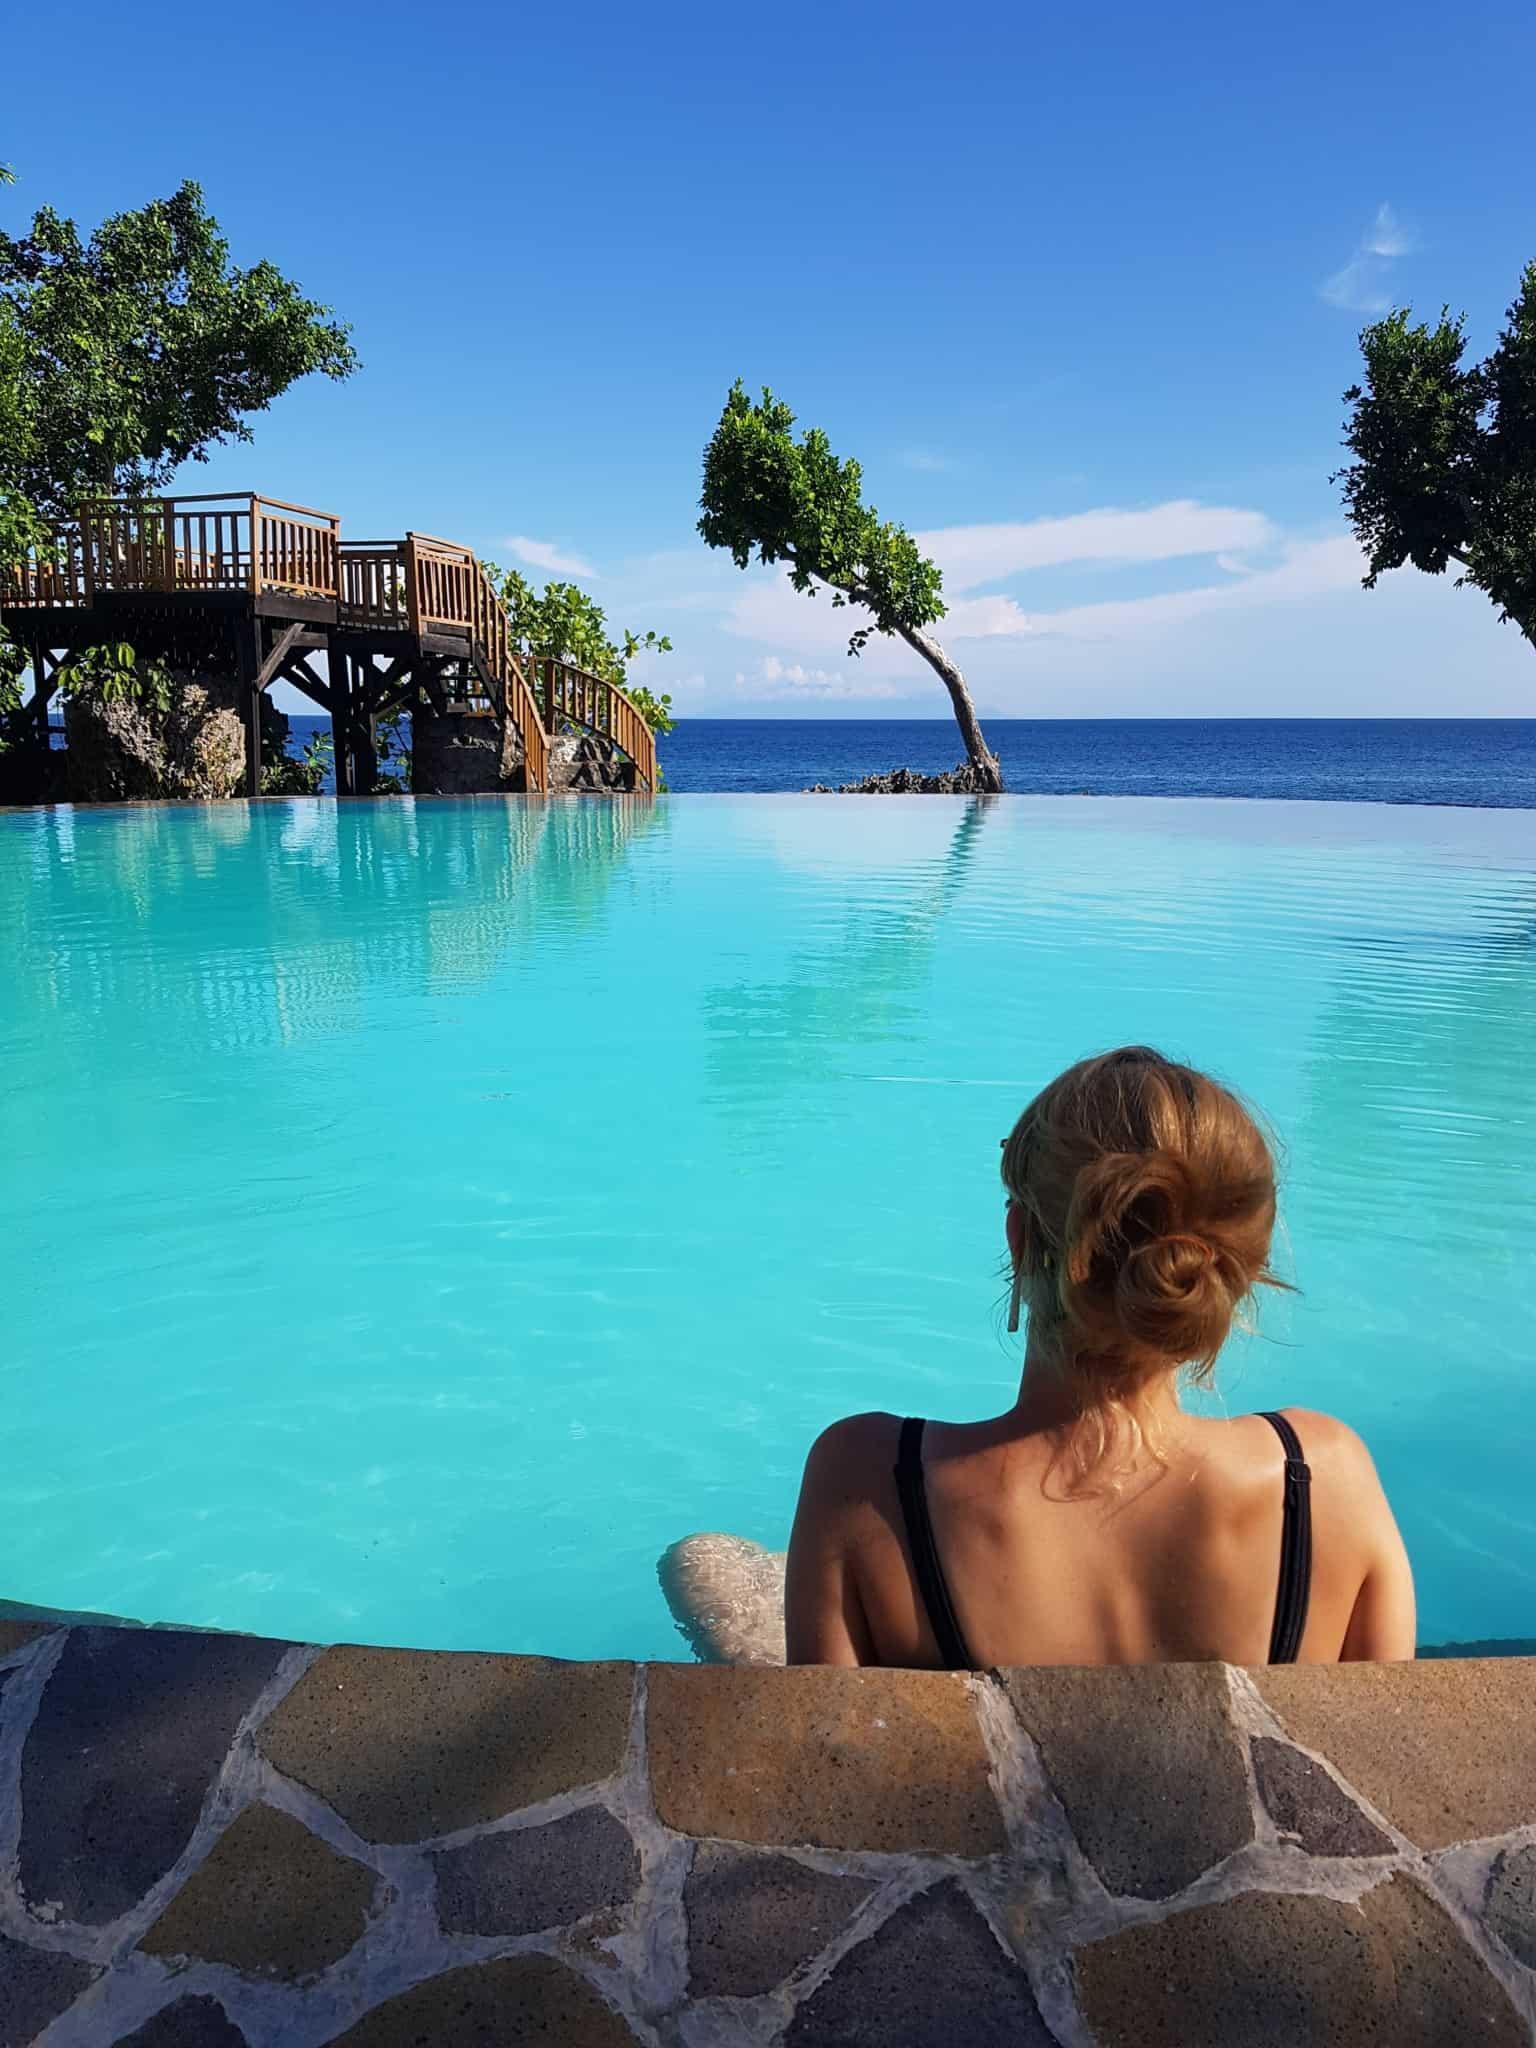 Philippines, un anniversaire romantique dans un hôtel de rêve 🧡 6